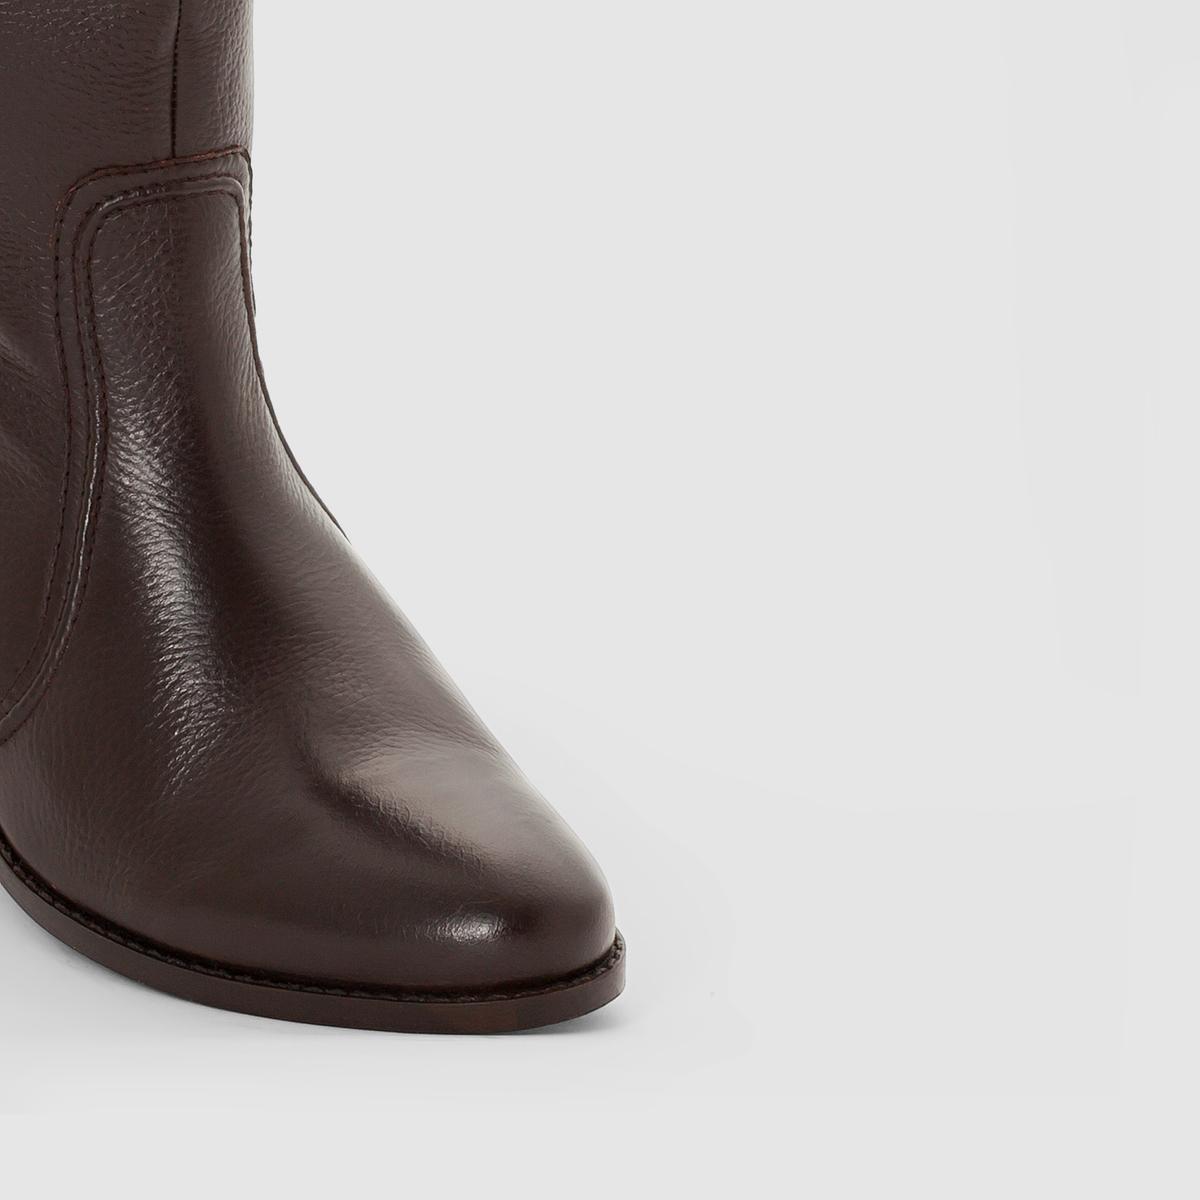 Сапоги из кожиВерх/Голенище : кожа               Подкладка : кожа       Стелька : кожа       Подошва : эластомер   Форма каблука : плоский каблук    Мысок : закругленный       Застежка : на молнию<br><br>Цвет: шоколадный<br>Размер: 38